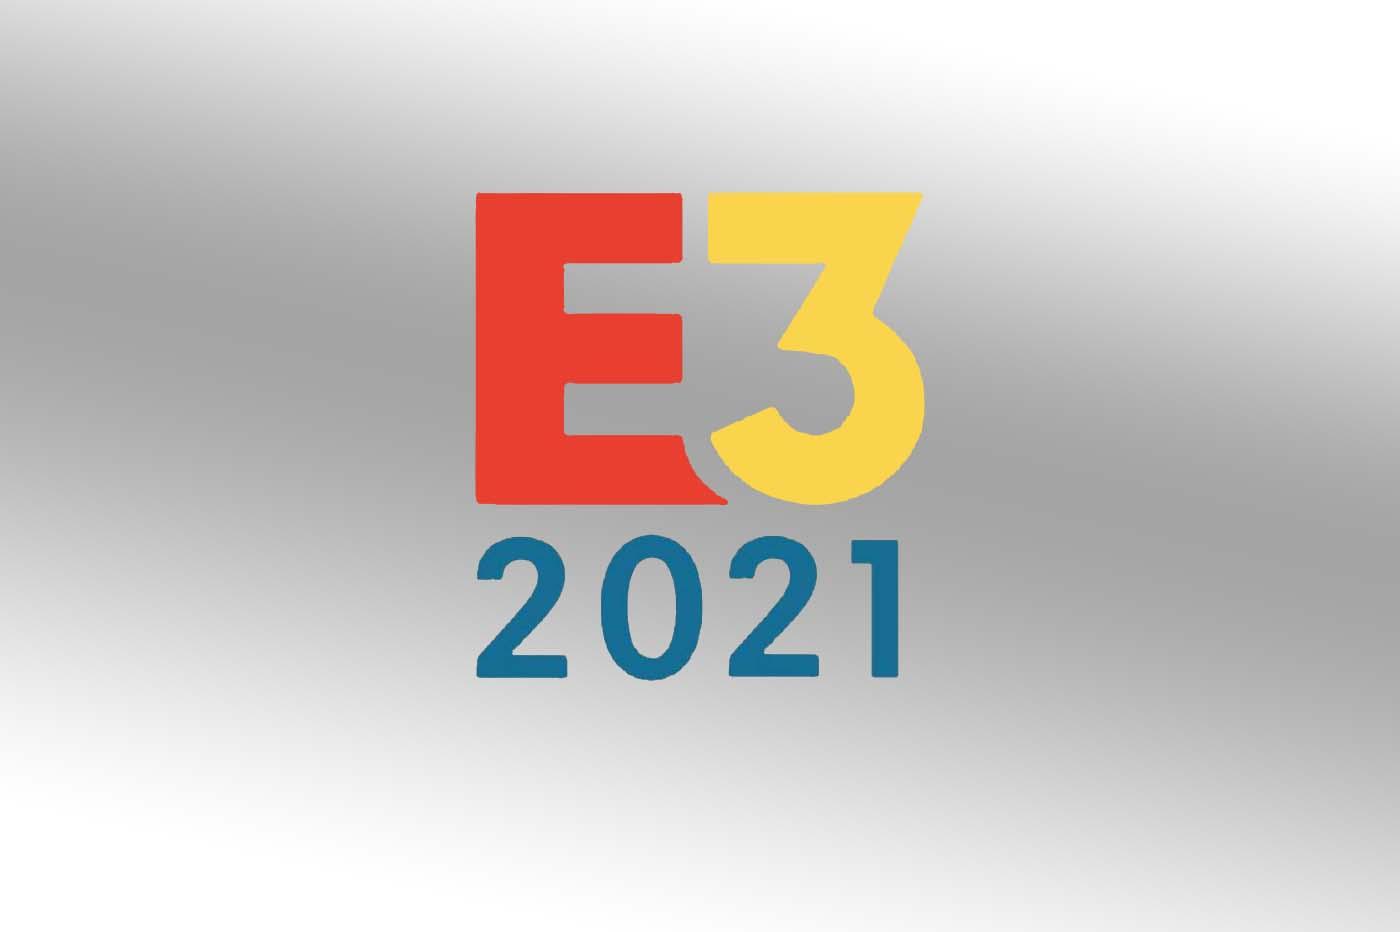 IGN annonce son propre événement numérique — Summer of Gaming